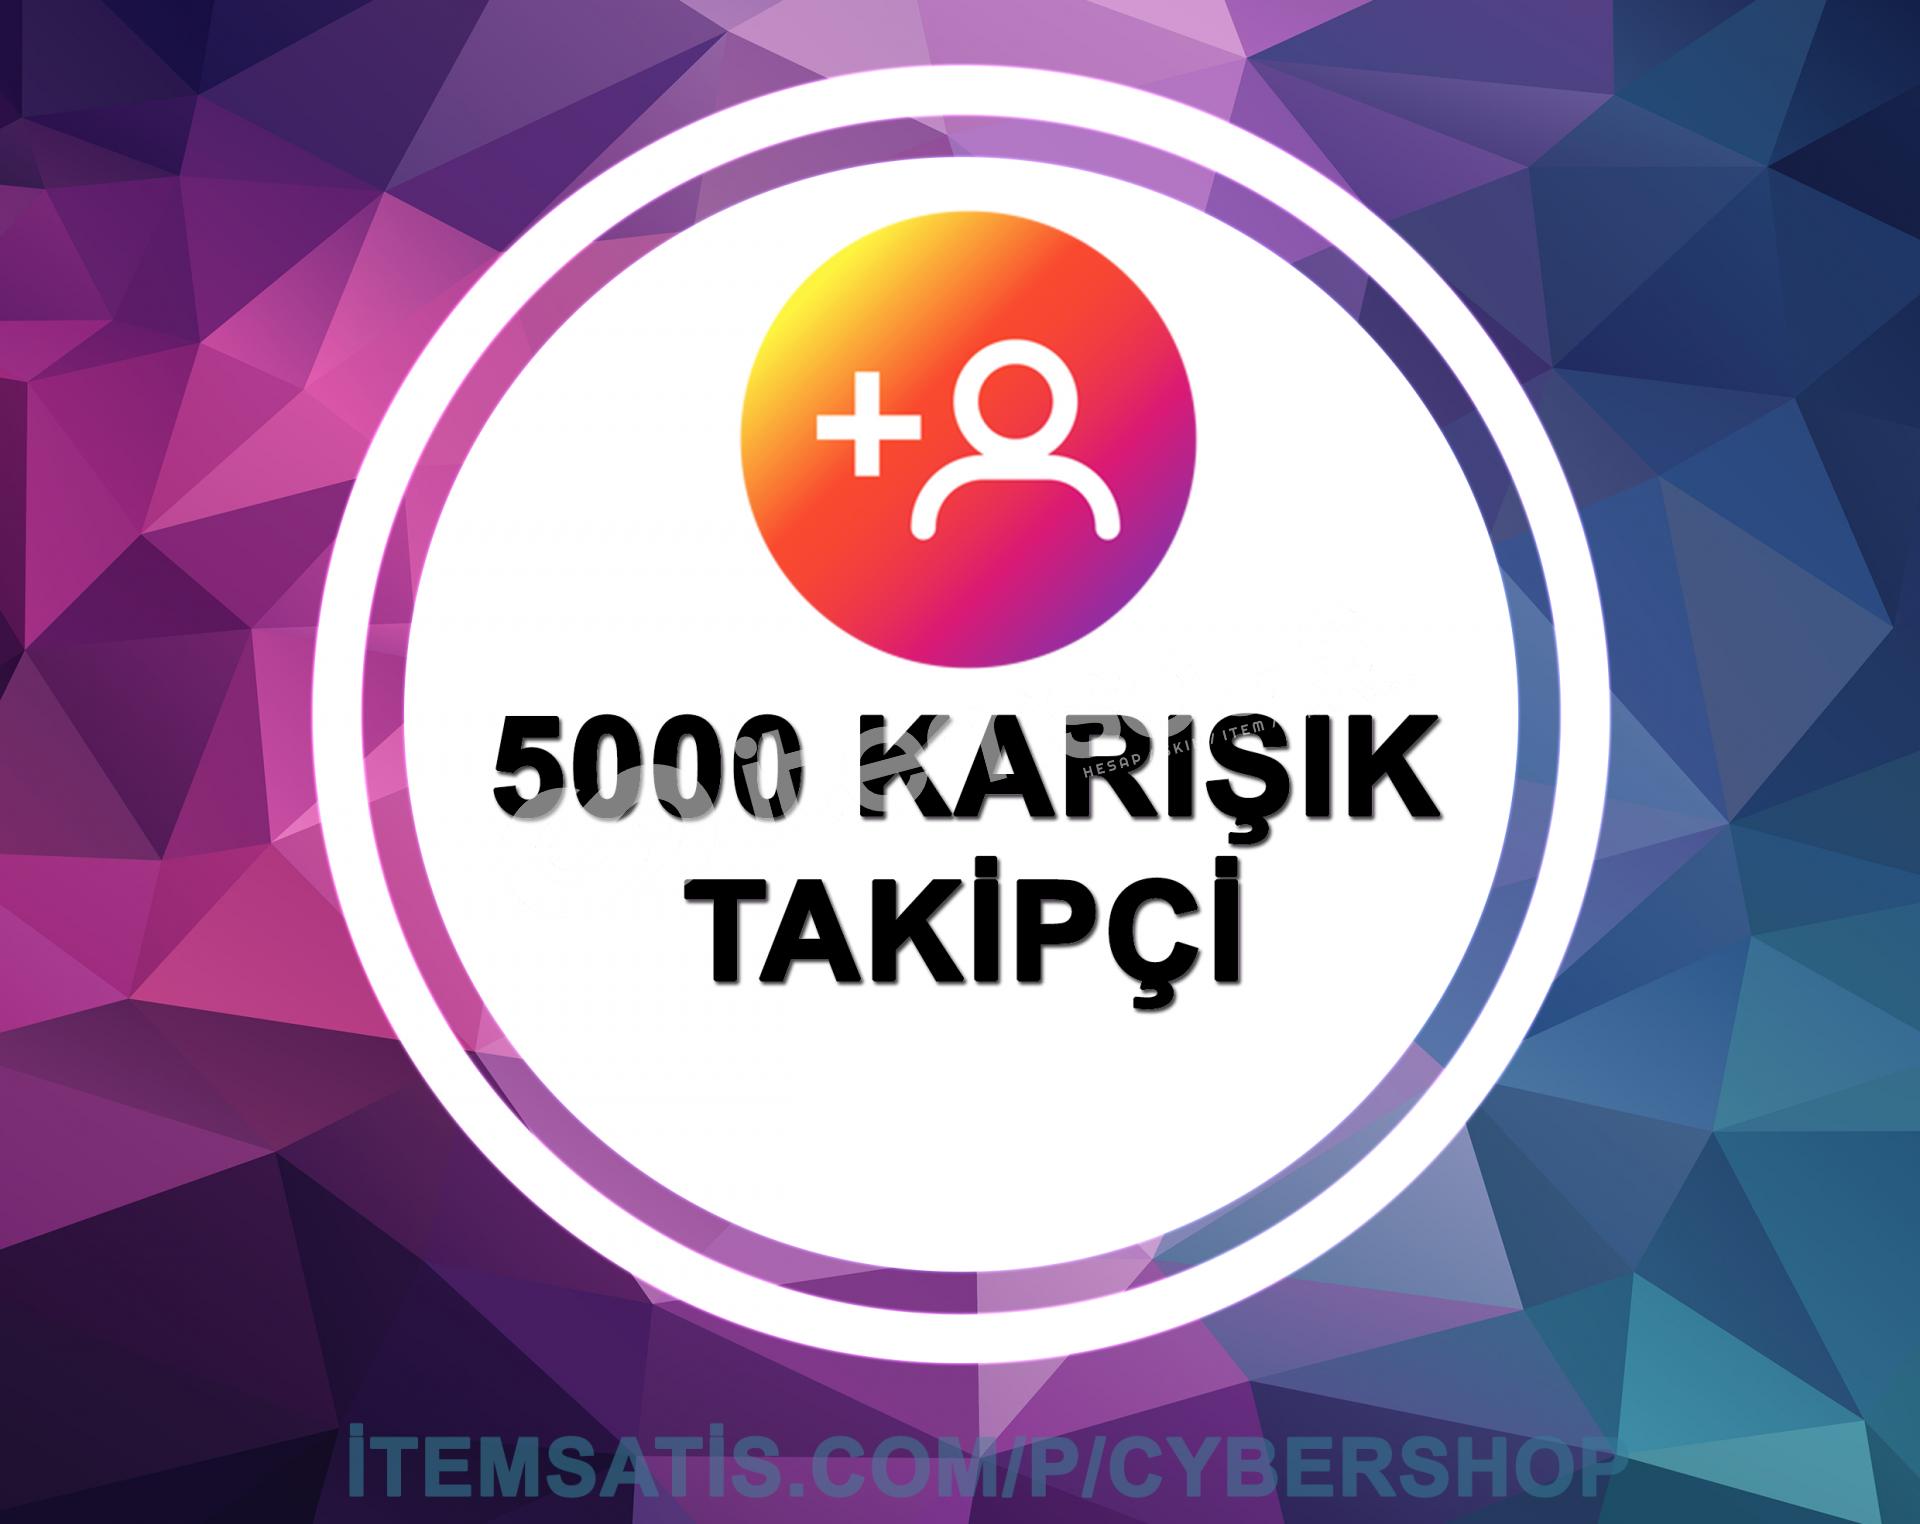 5000 İnstagram Takipçi Paketi (Anlık Gönderim)